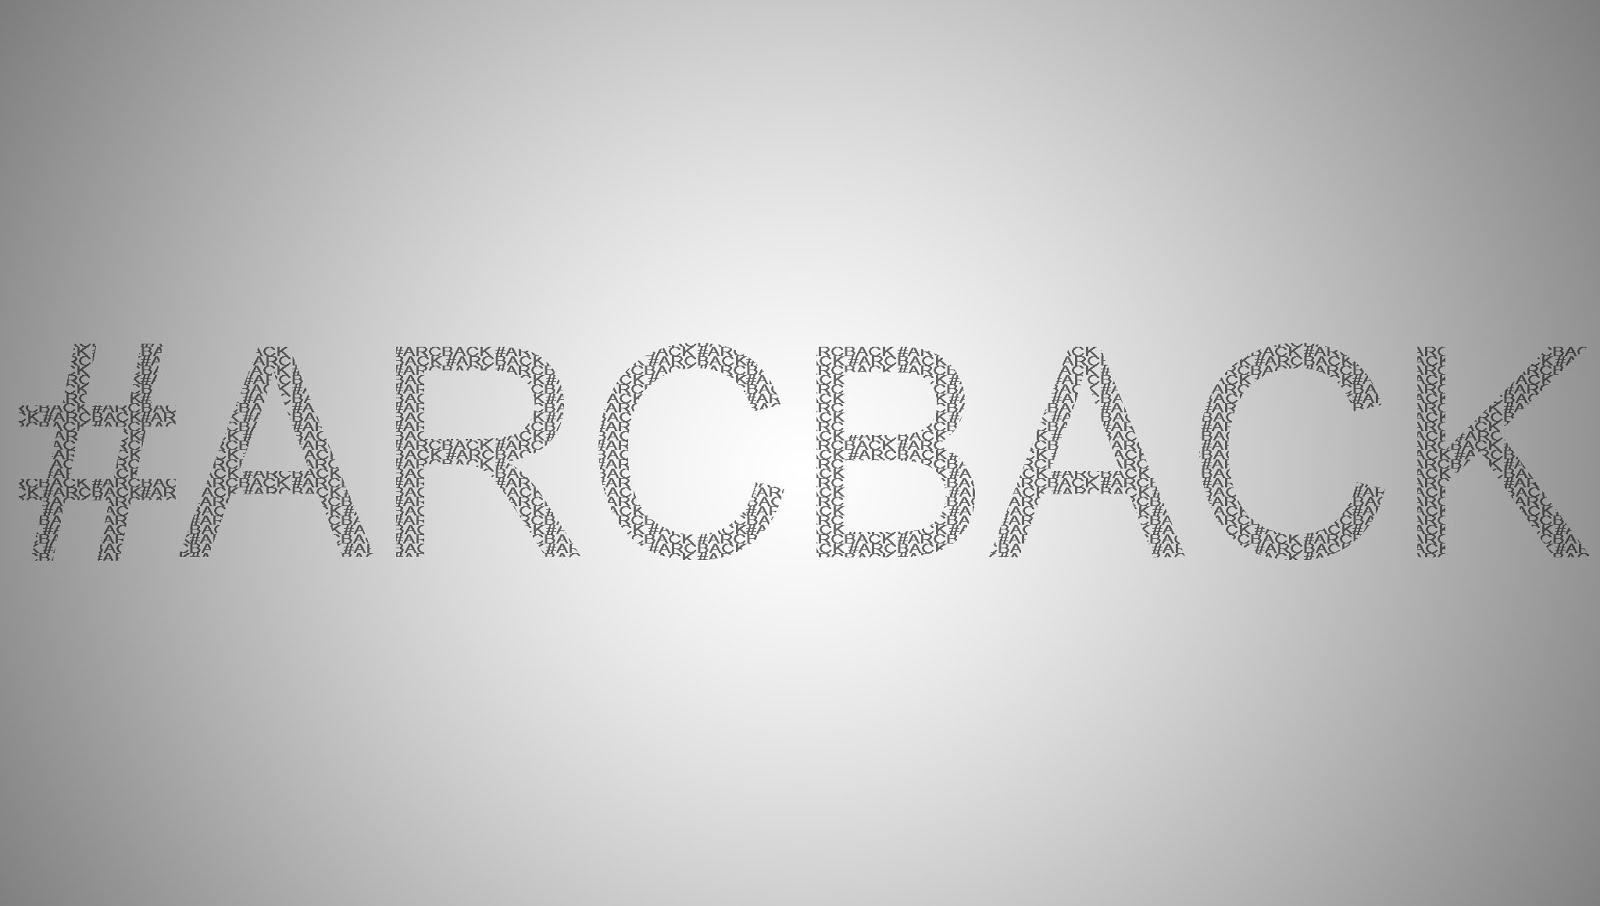 #ARCBACK